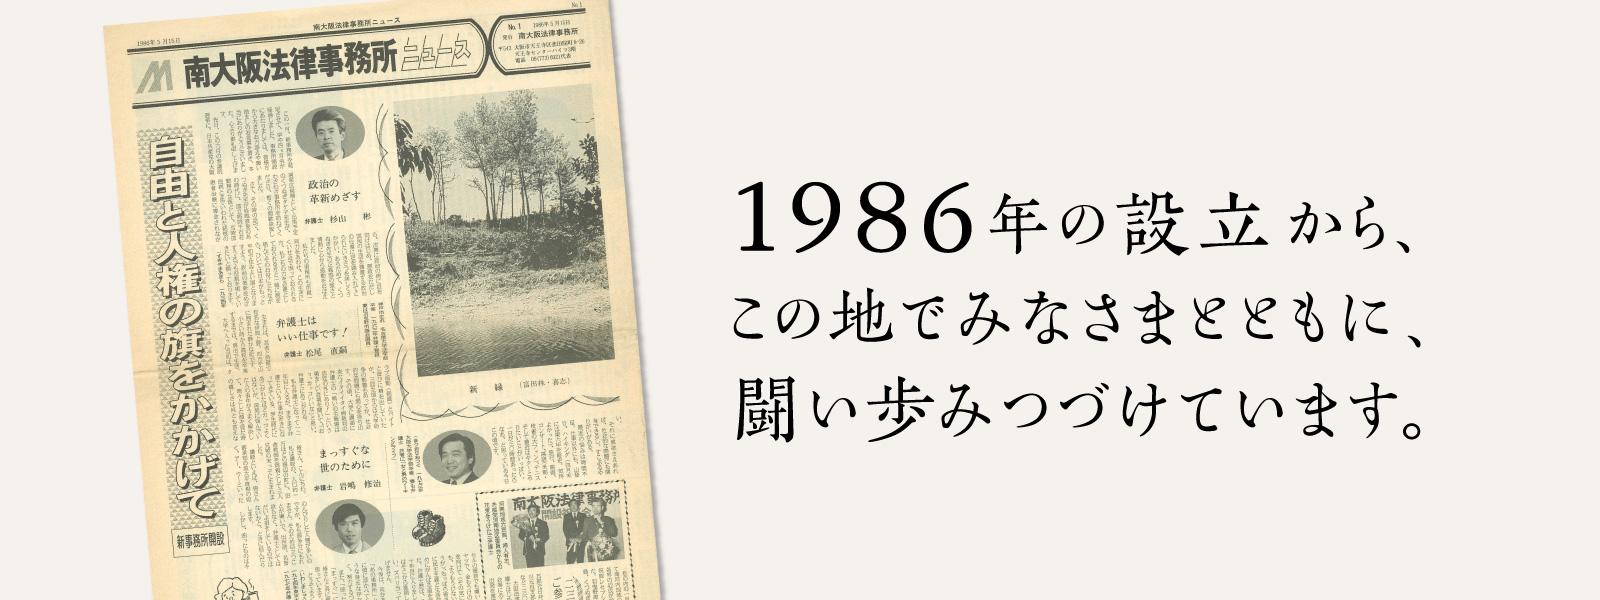 南大阪法律事務所はこの地(天王寺)でみなさまとともに闘い歩みつづけています